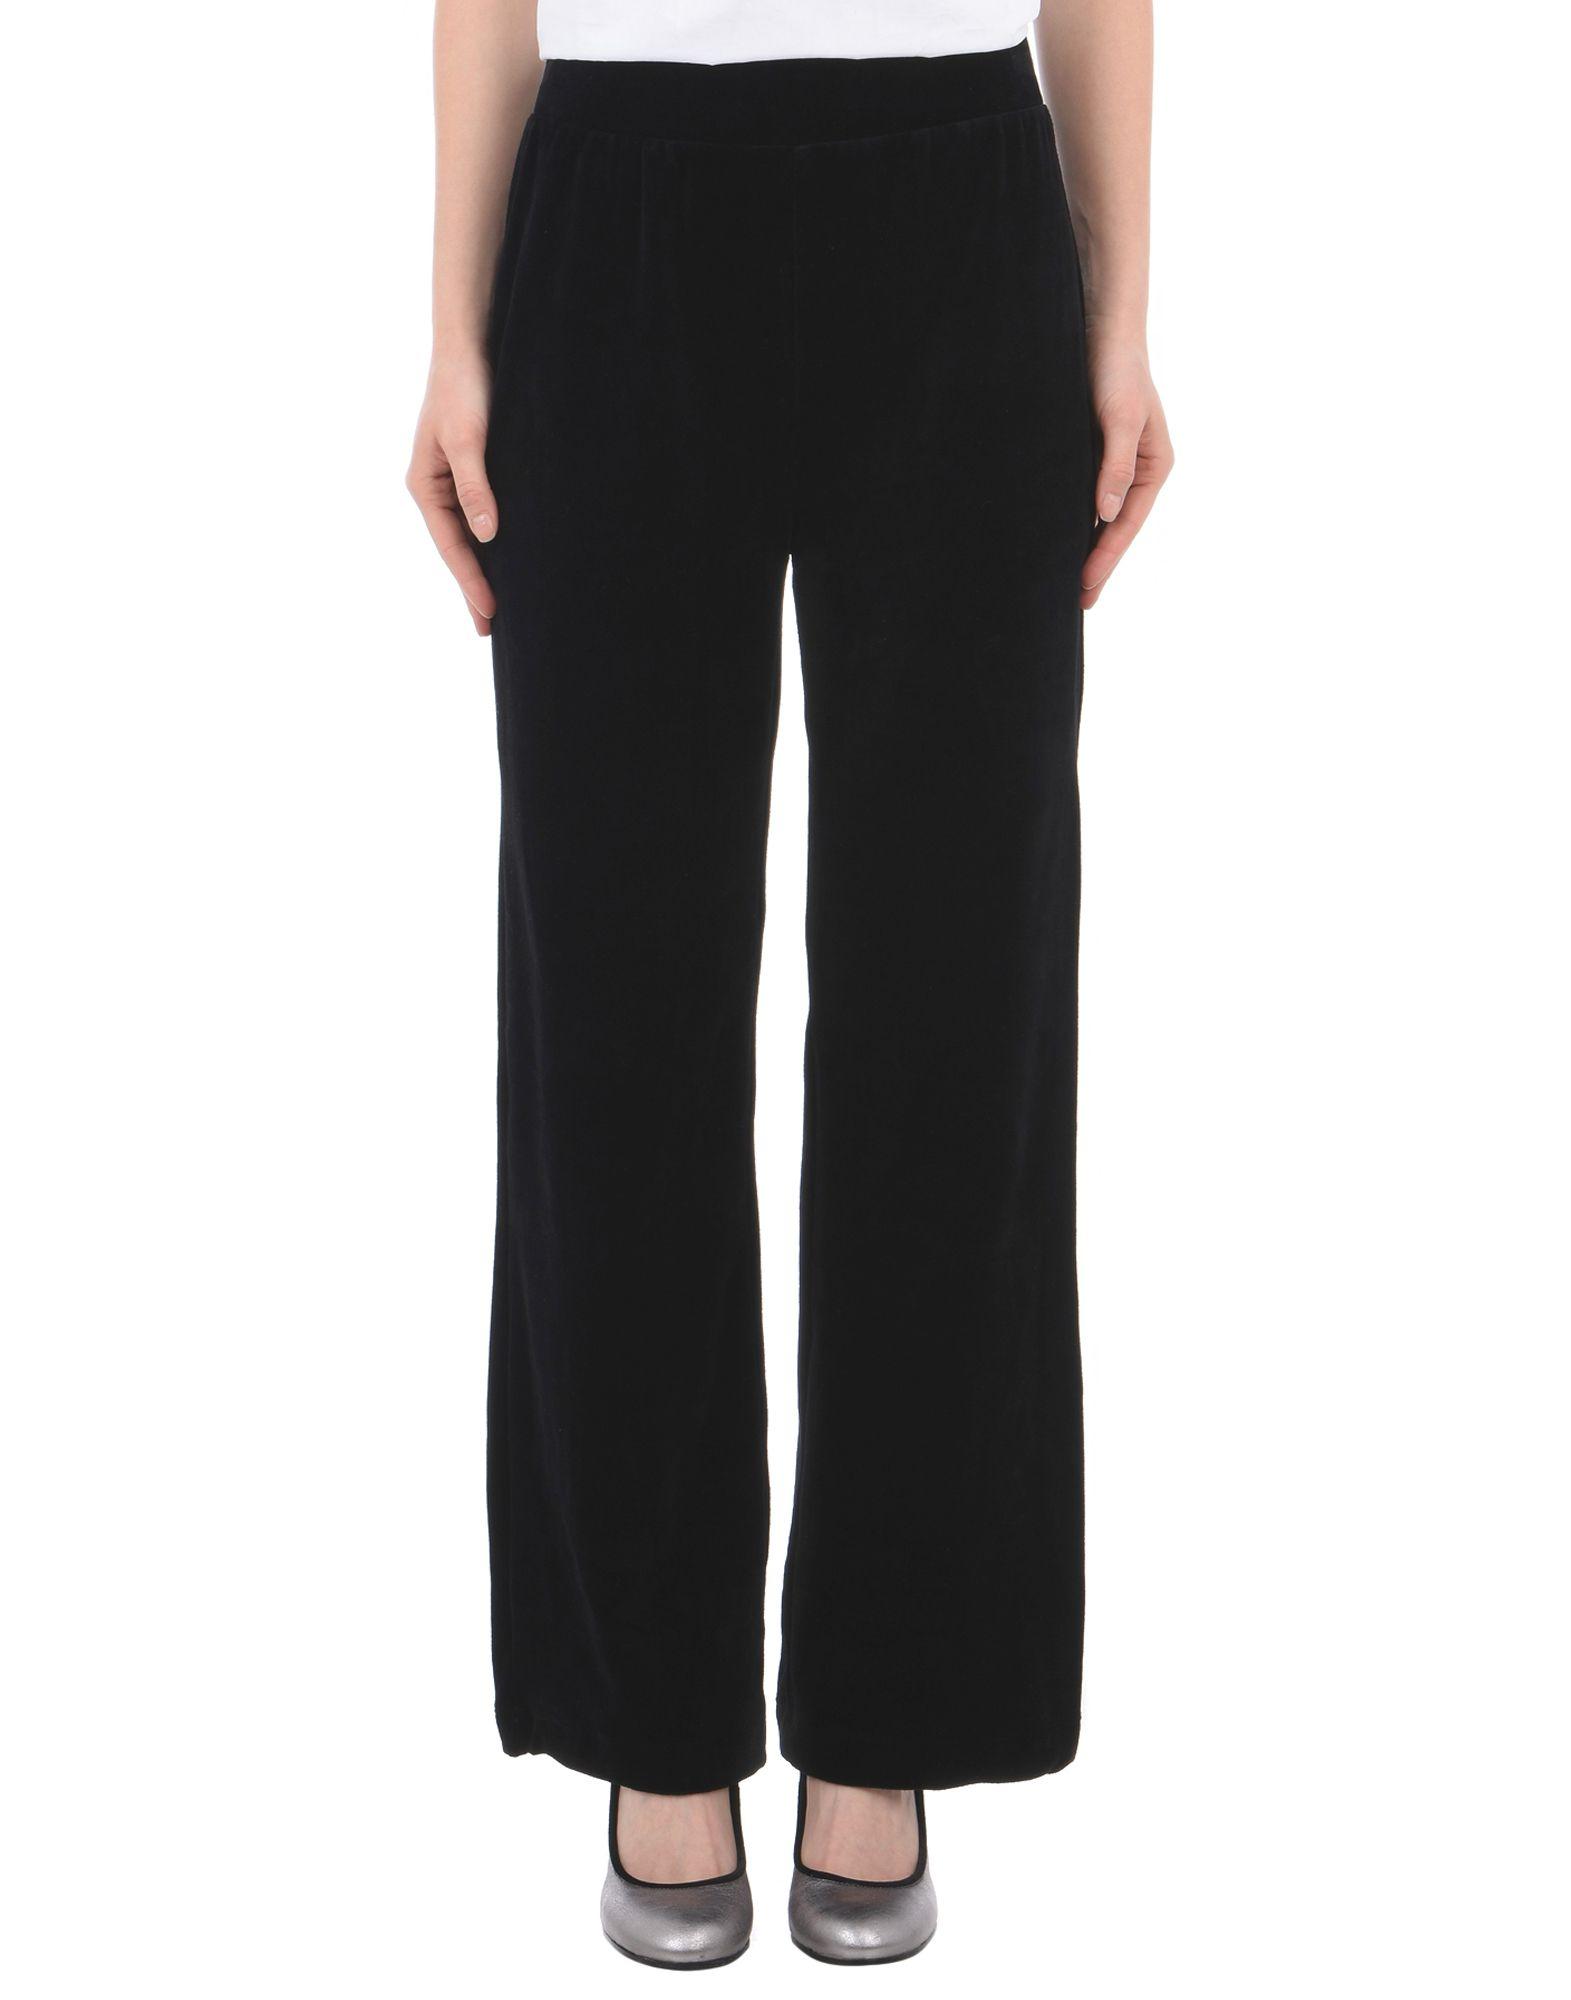 《送料無料》MOSS COPENHAGEN レディース パンツ ブラック S コットン 65% / ポリエステル 35% Laina Rye Pants